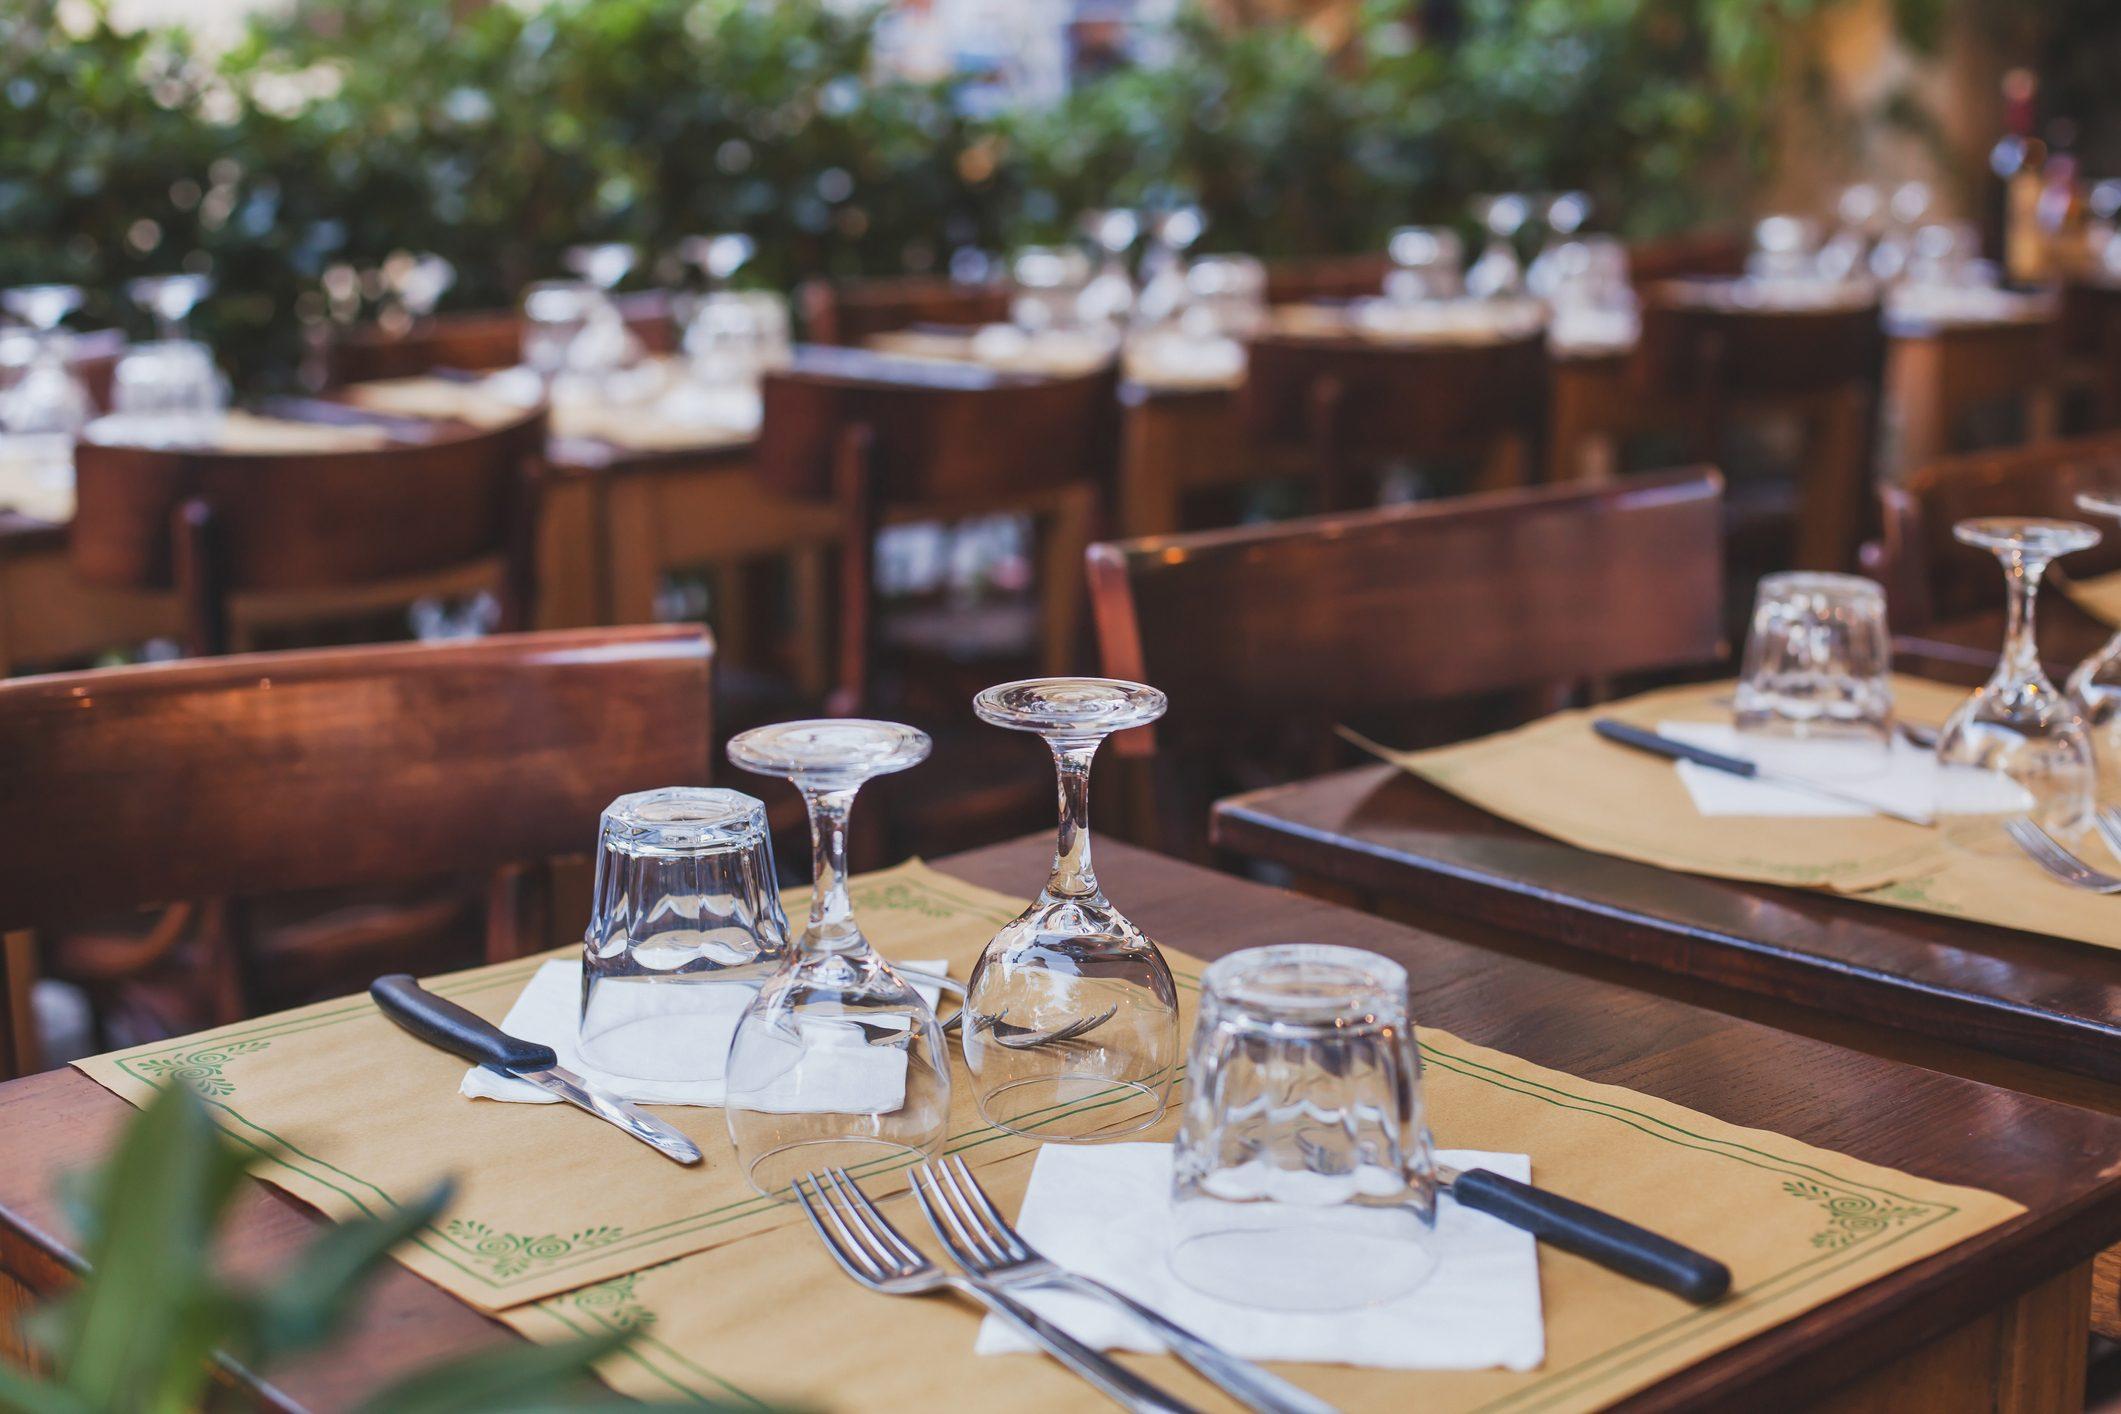 Bonus affitti per i ristoranti: arriva la decisione dell'Agenzia delle Entrate